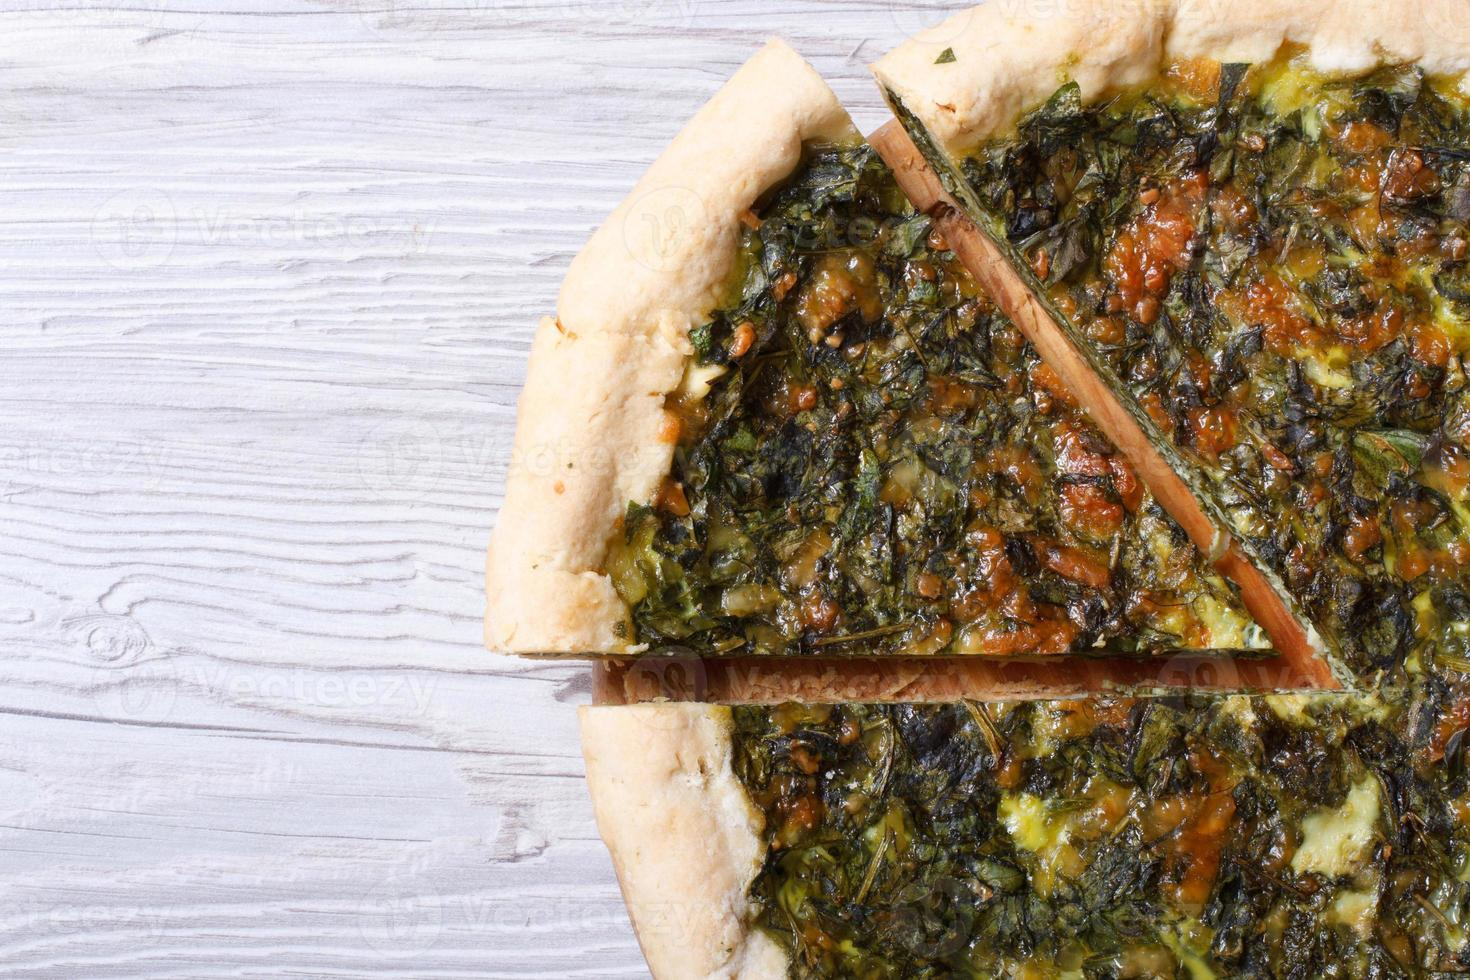 torta útil com espinafre, queijo em close-up de madeira mesa foto